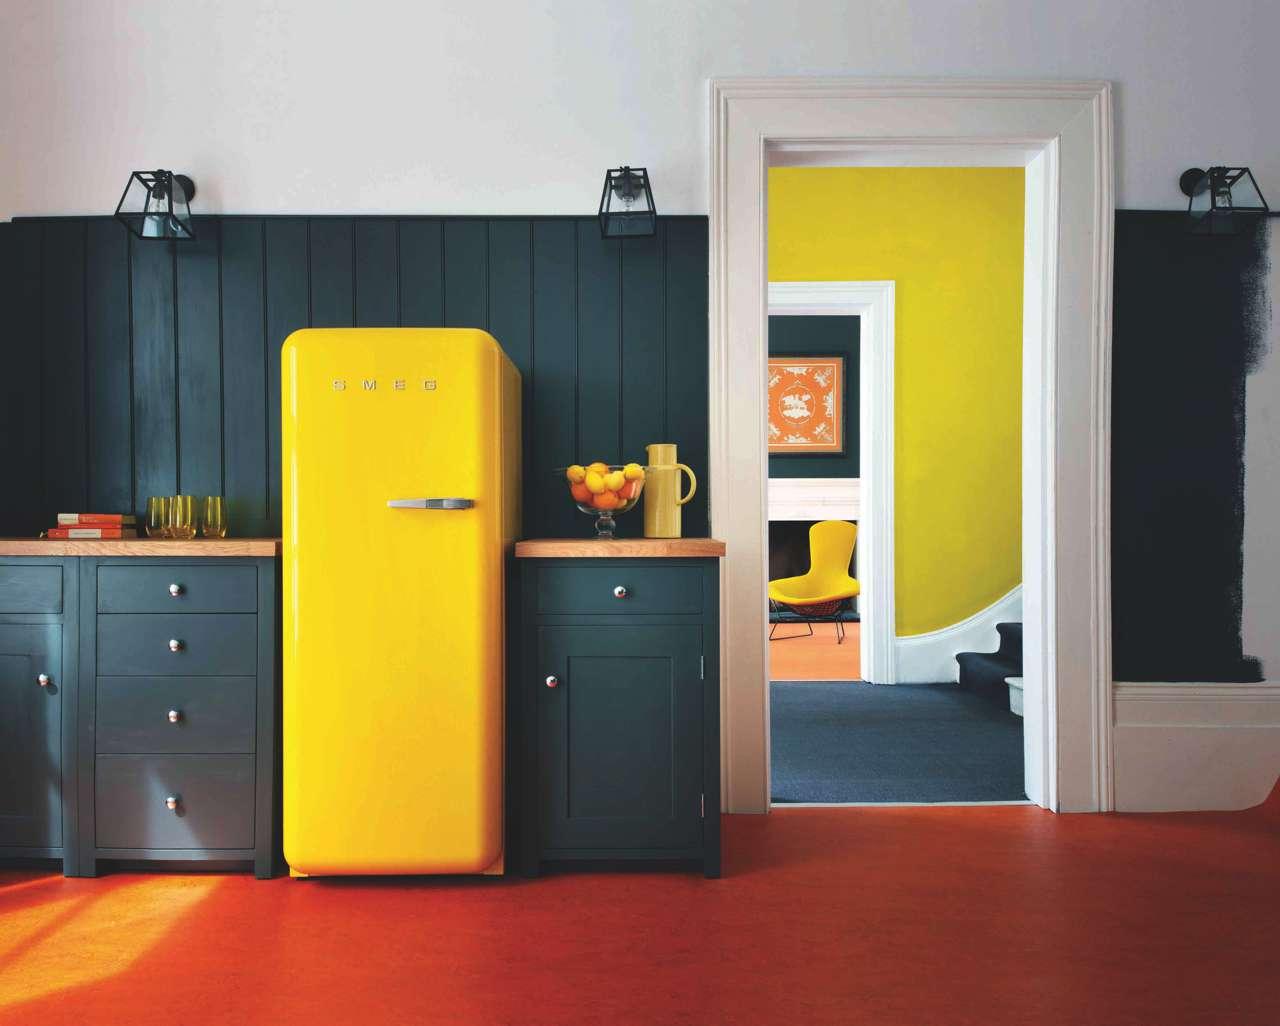 Smeg Kühlschrank Abstand Zur Wand : Smeg kühlschrank abstand zur wand calaméo